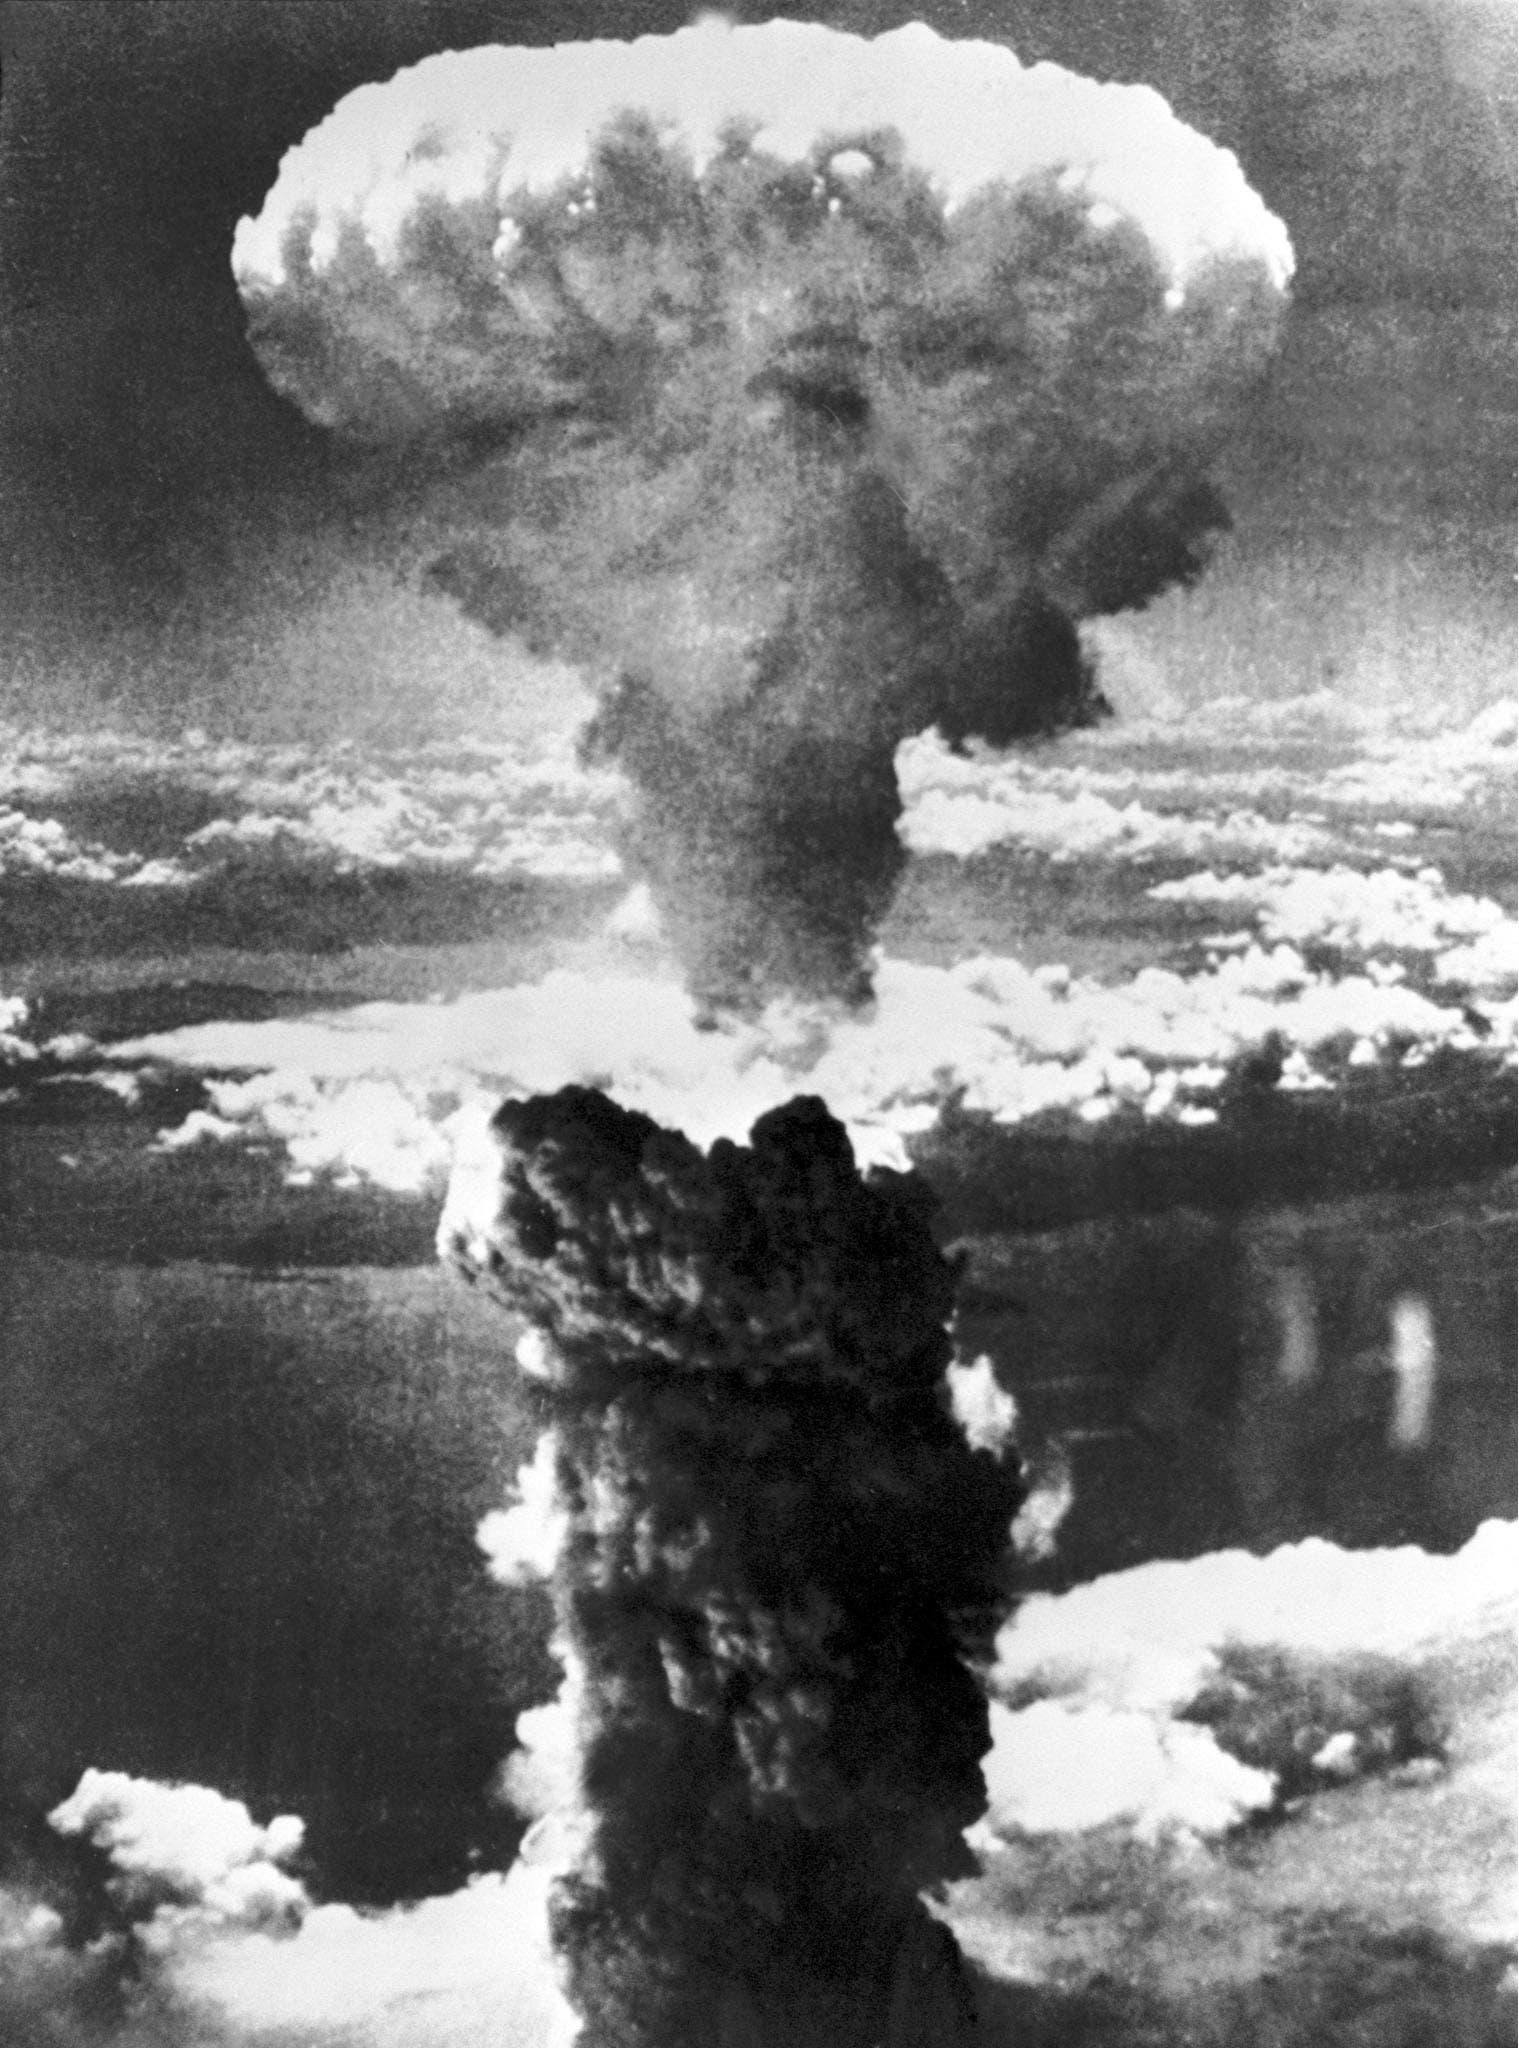 Drei Minuten nach der Explosion bildet sich über der Stadt ein riesiger Atompilz.